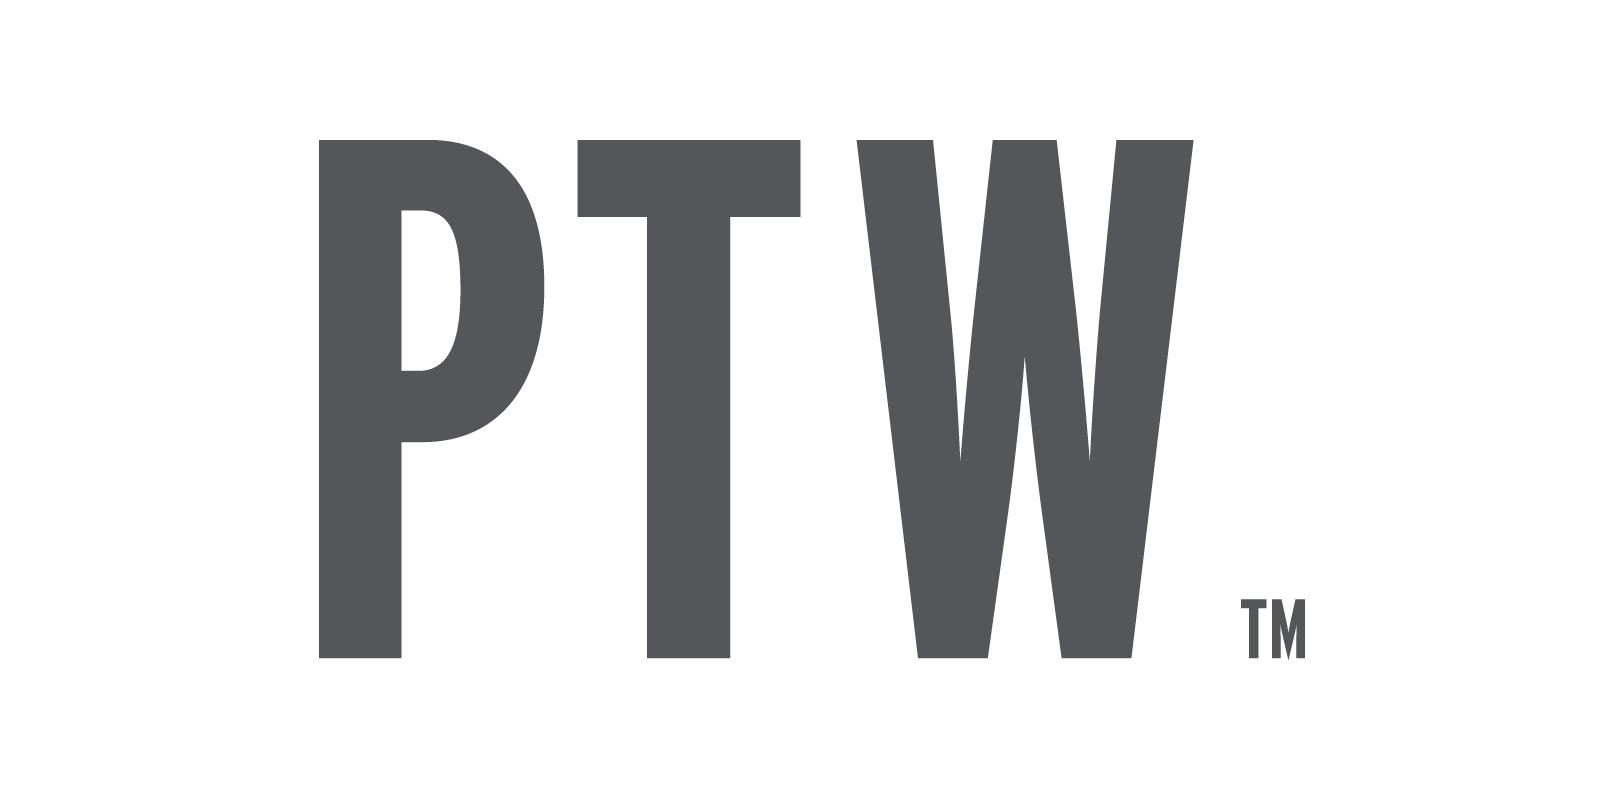 피티더블유코리아(주)의 기업로고